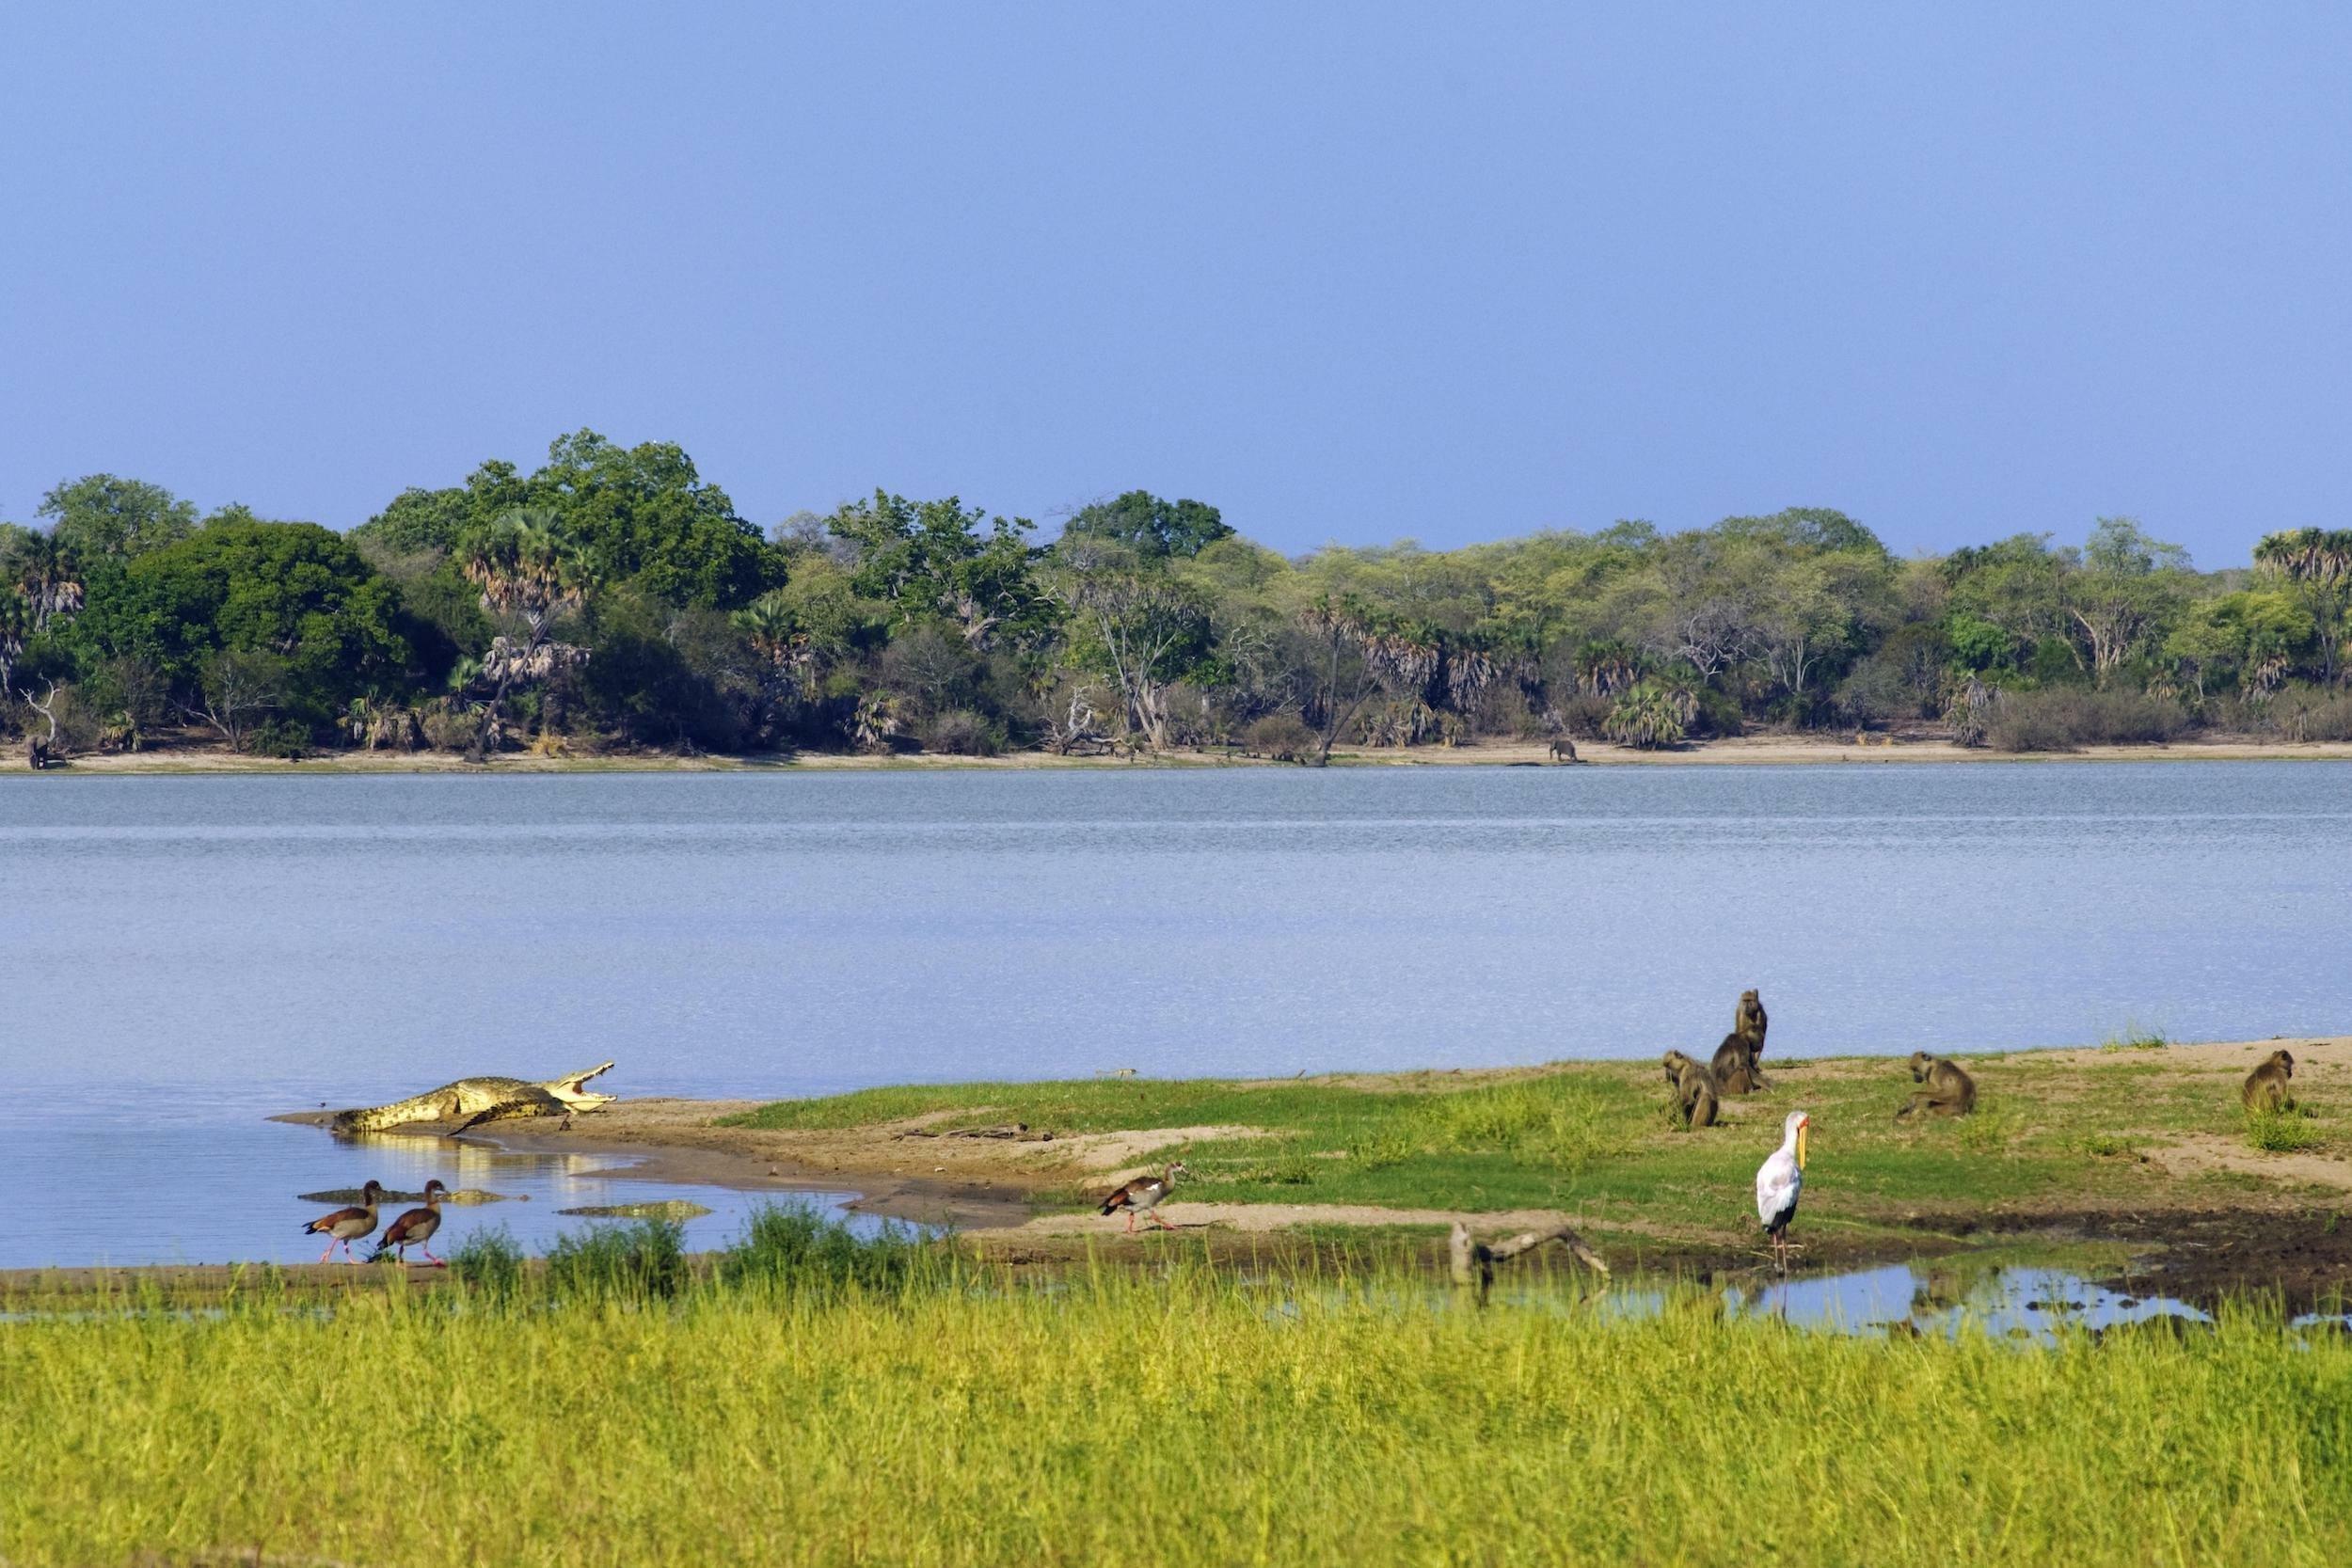 Im Hintergrund Bäume, am Fluss ein Krokodil, Affen und verschiedene Wasservögel.